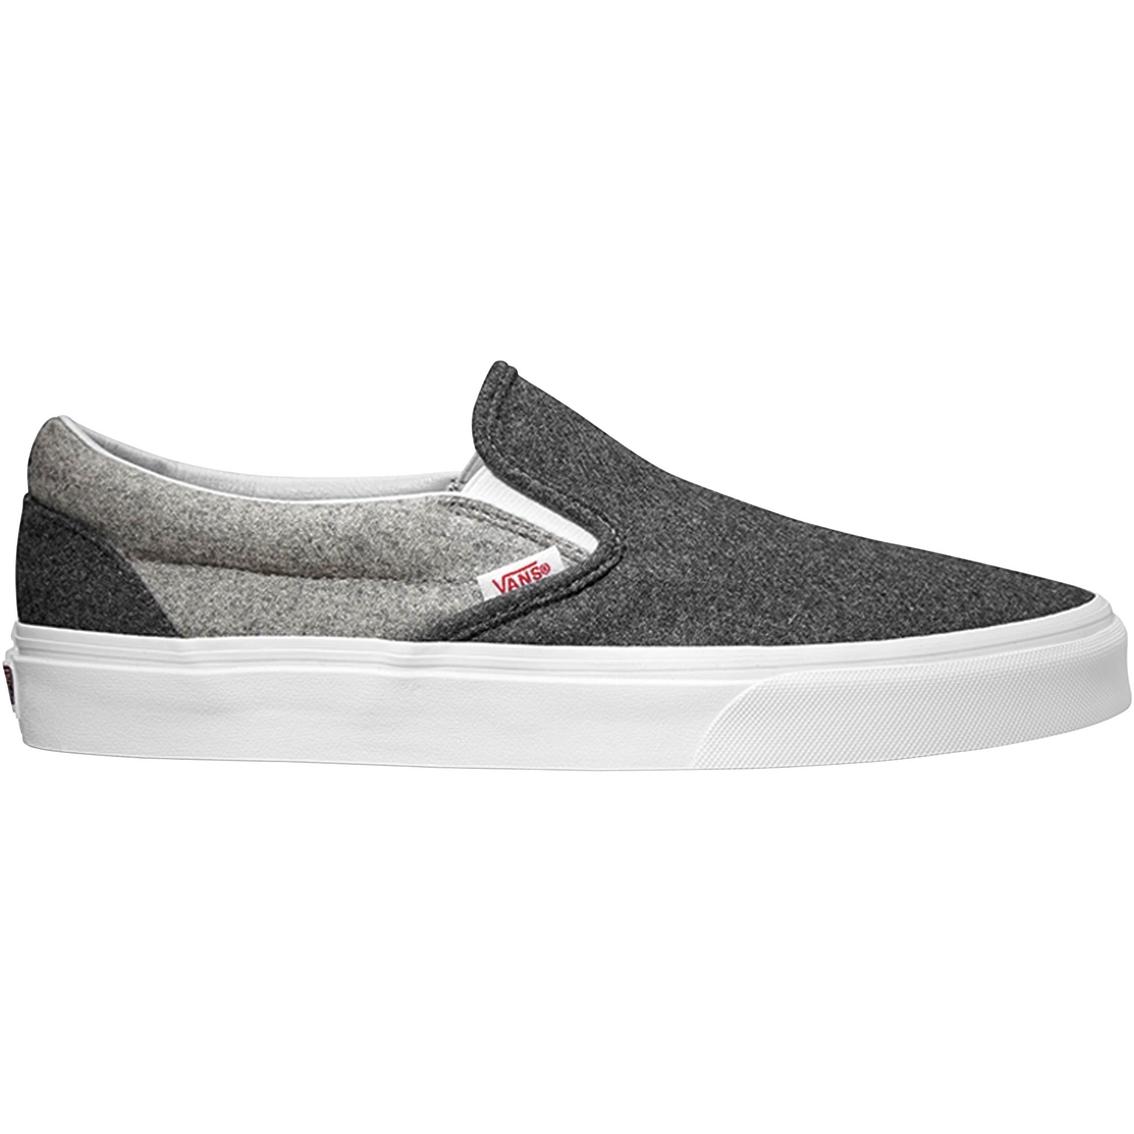 d6f931325e76 Vans Men s Classic Slip On Canvas Shoes